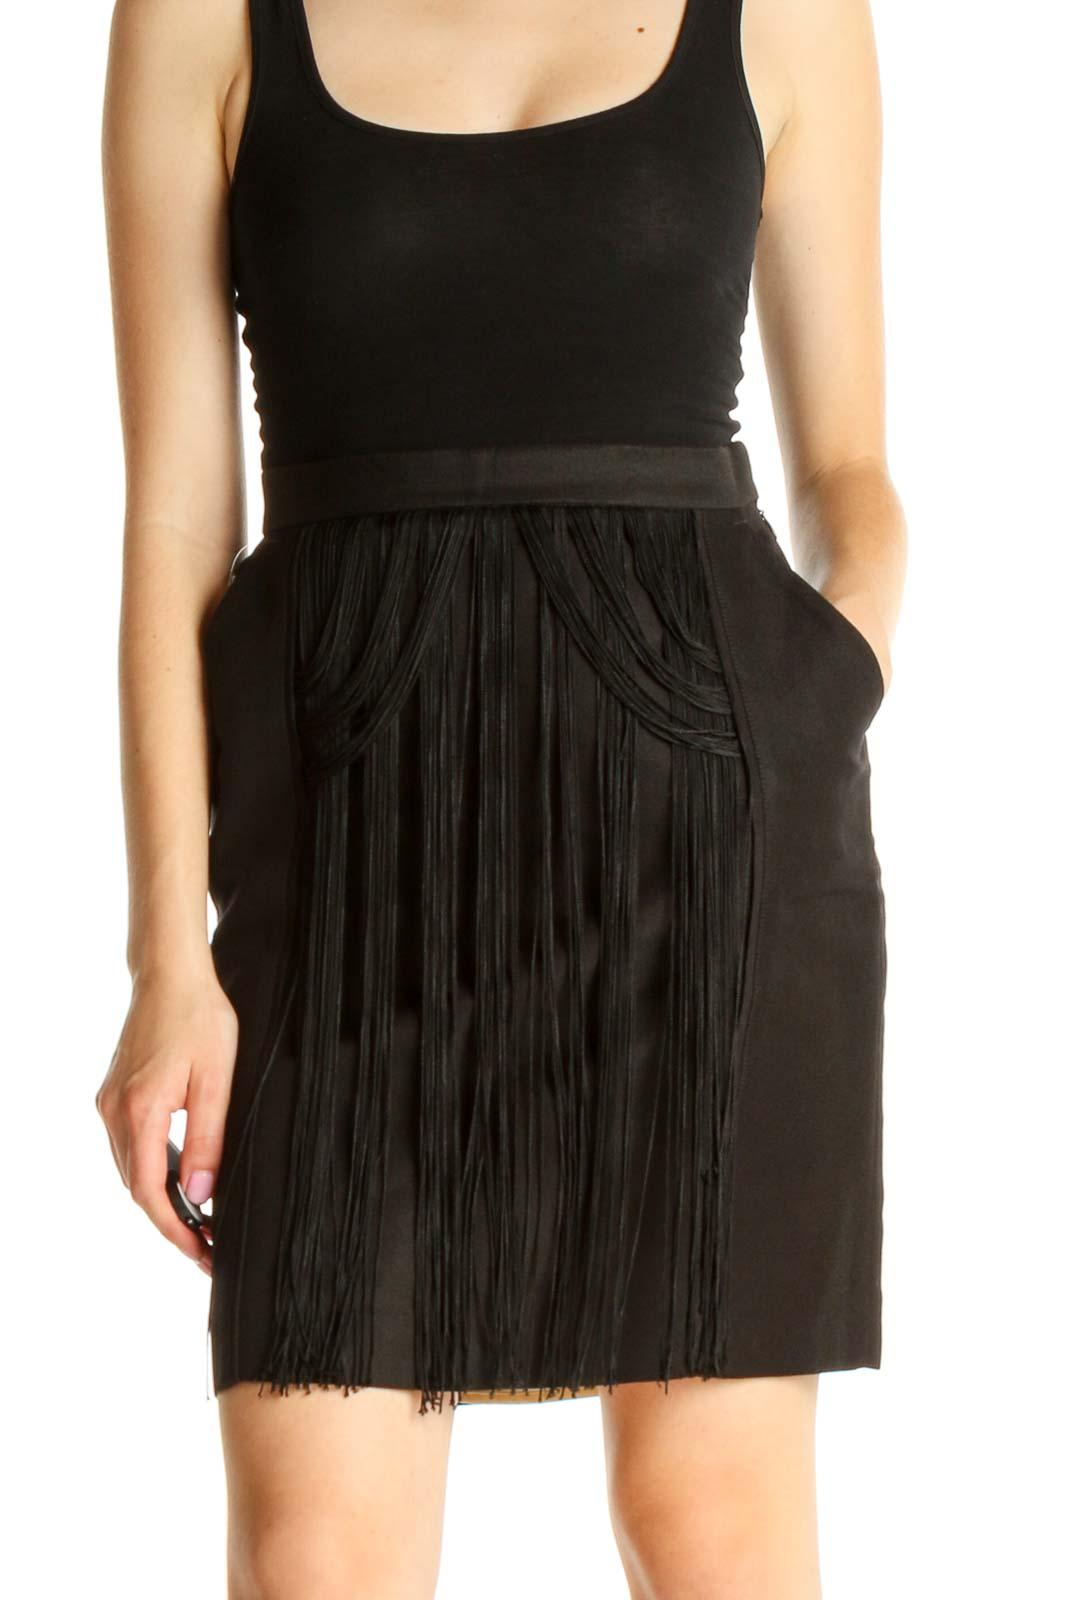 Black Solid Retro Fringe Pencil Skirt Front